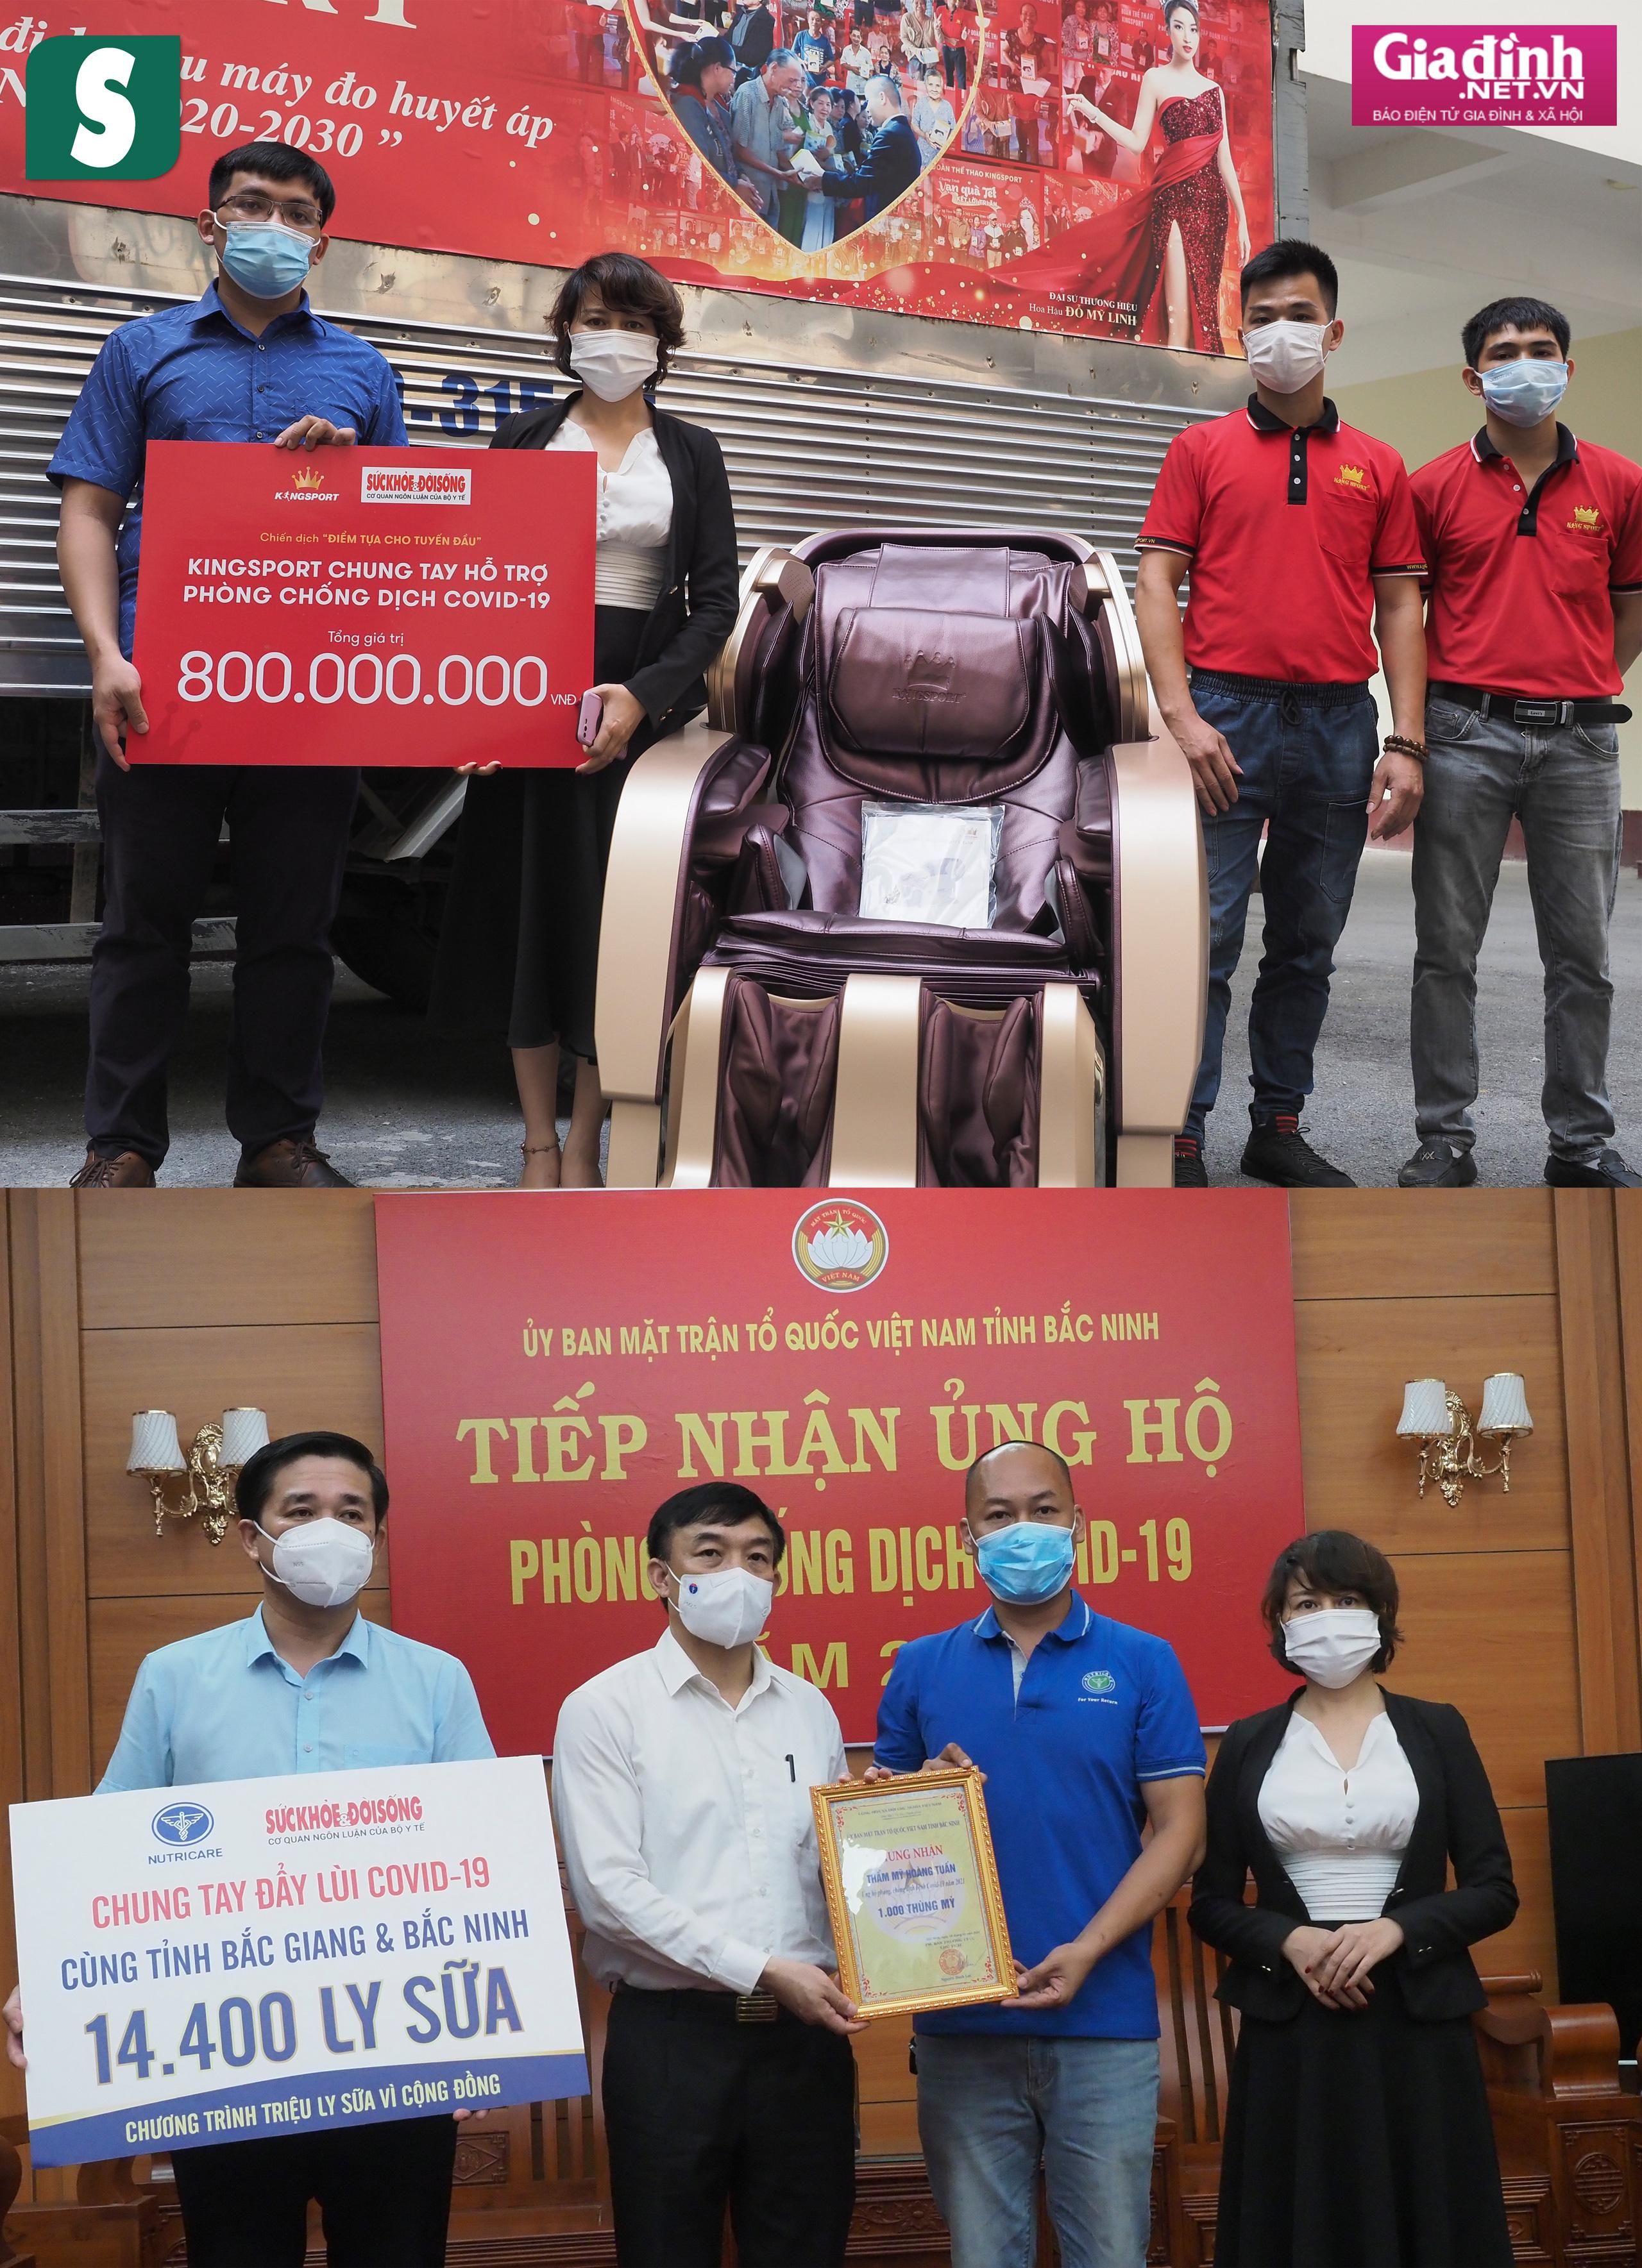 Báo Sức khỏe & Đời sống và Báo Gia đình & Xã hội kêu gọi hơn 1,8 tỷ đồng hỗ trợ Bắc Giang, Bắc Ninh chống dịch - Ảnh 12.